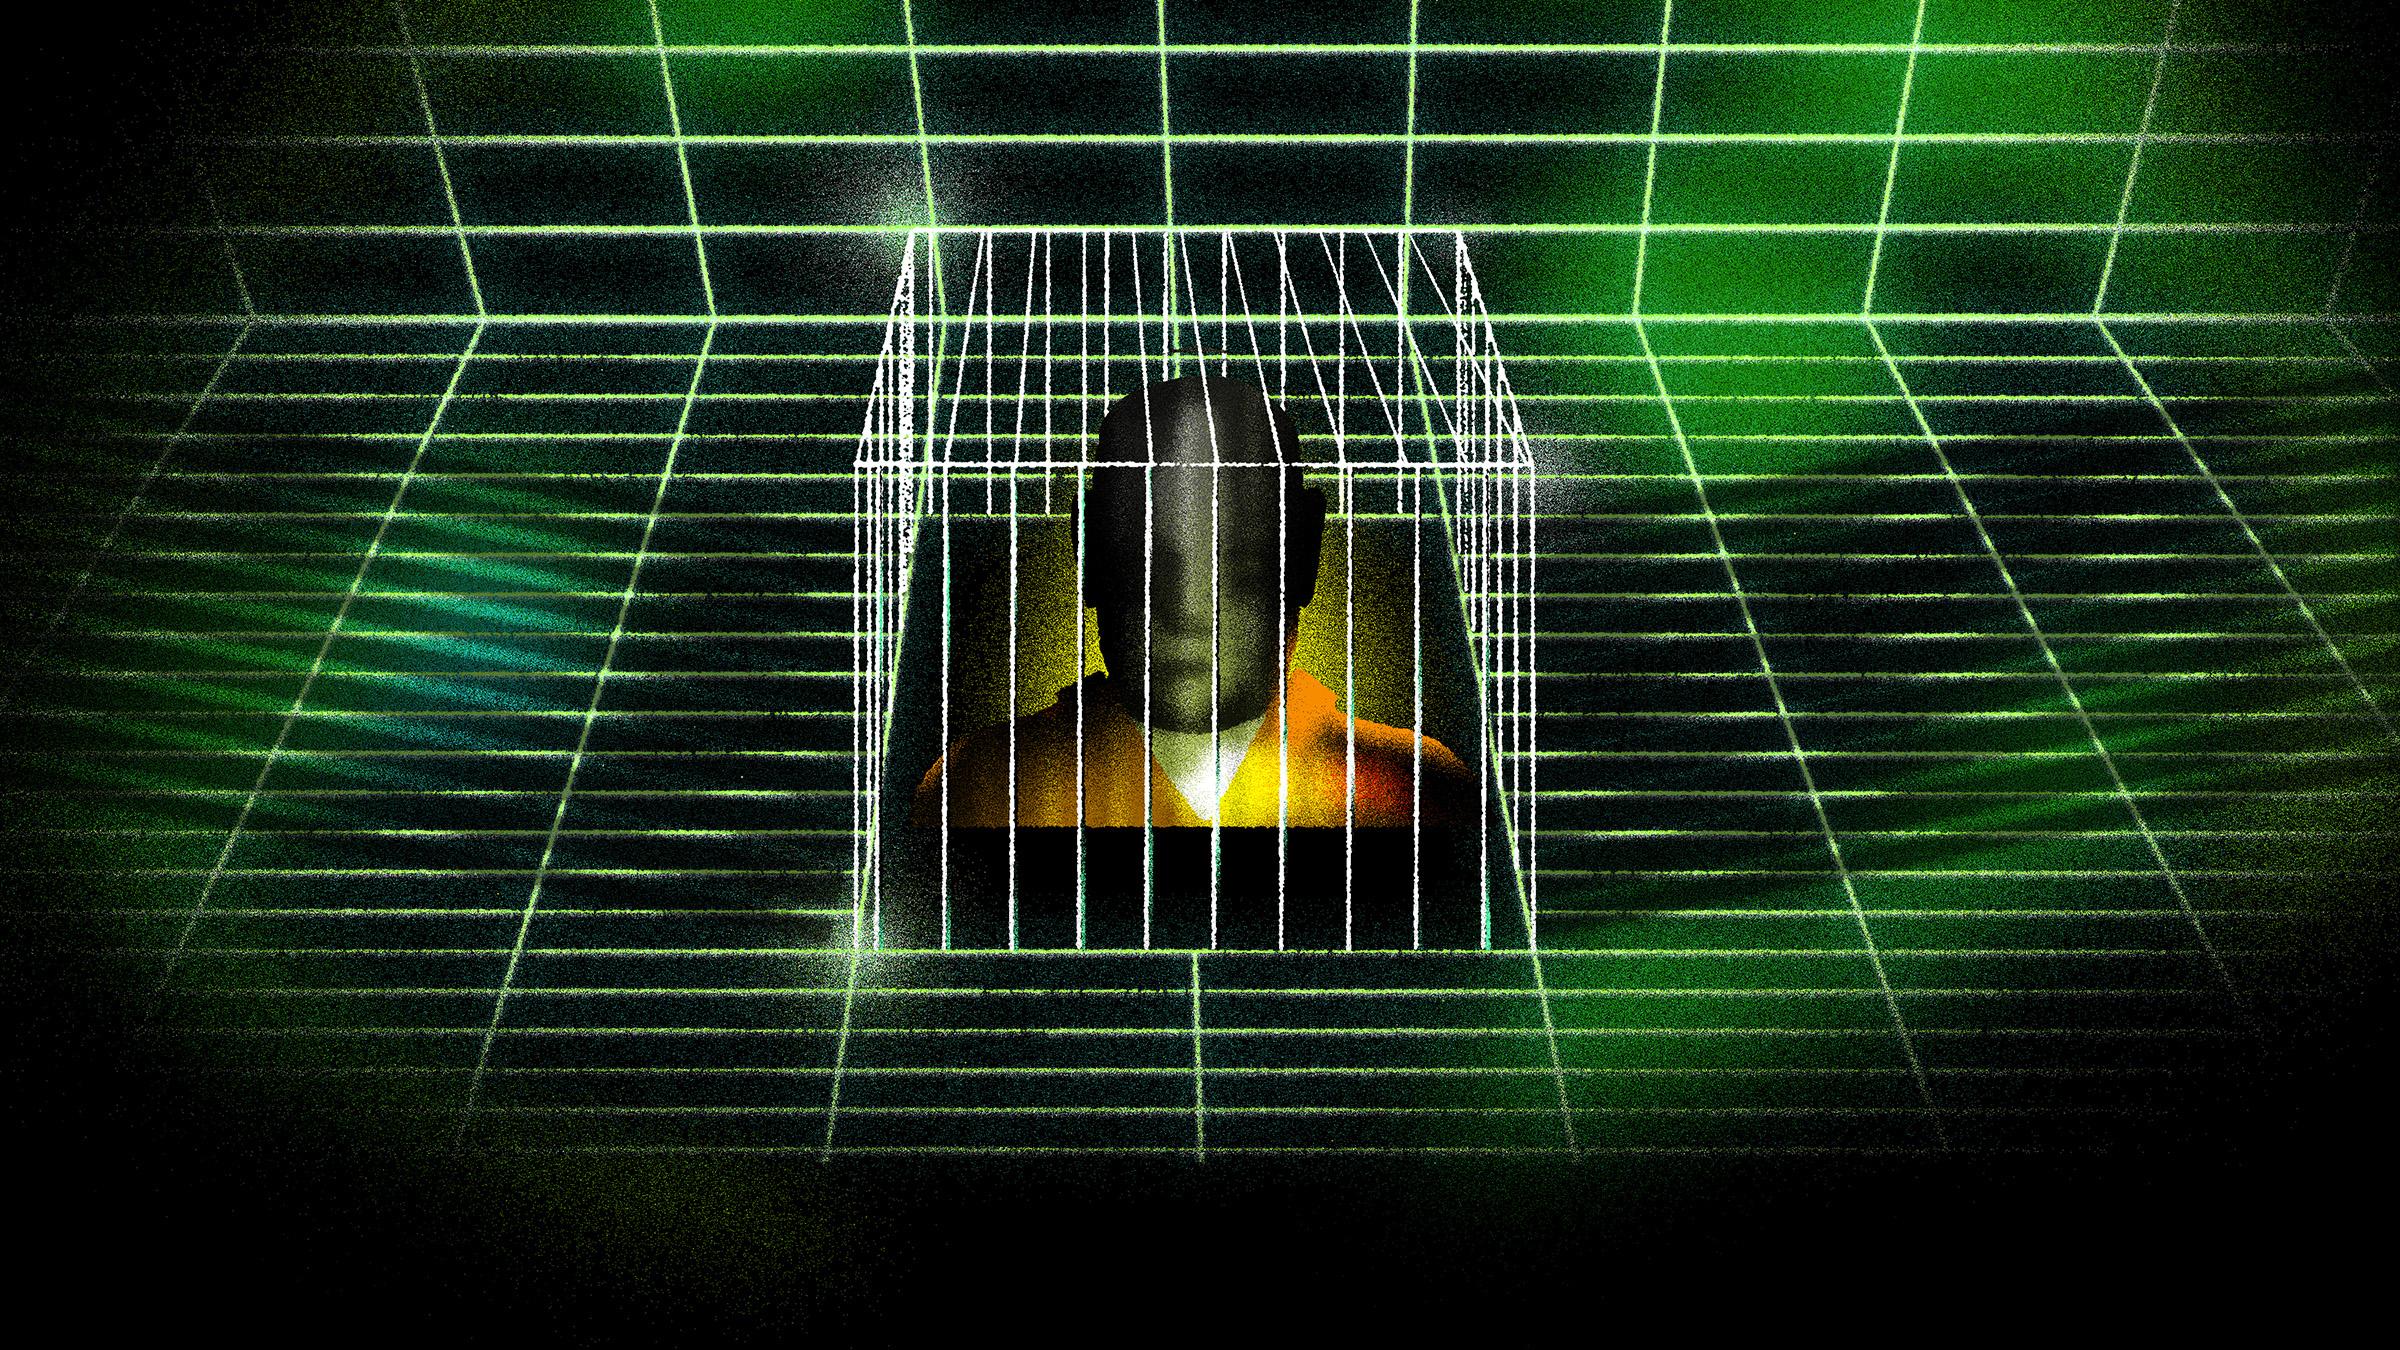 収監中のジャーナリストが刑務所のネット解禁を訴える理由